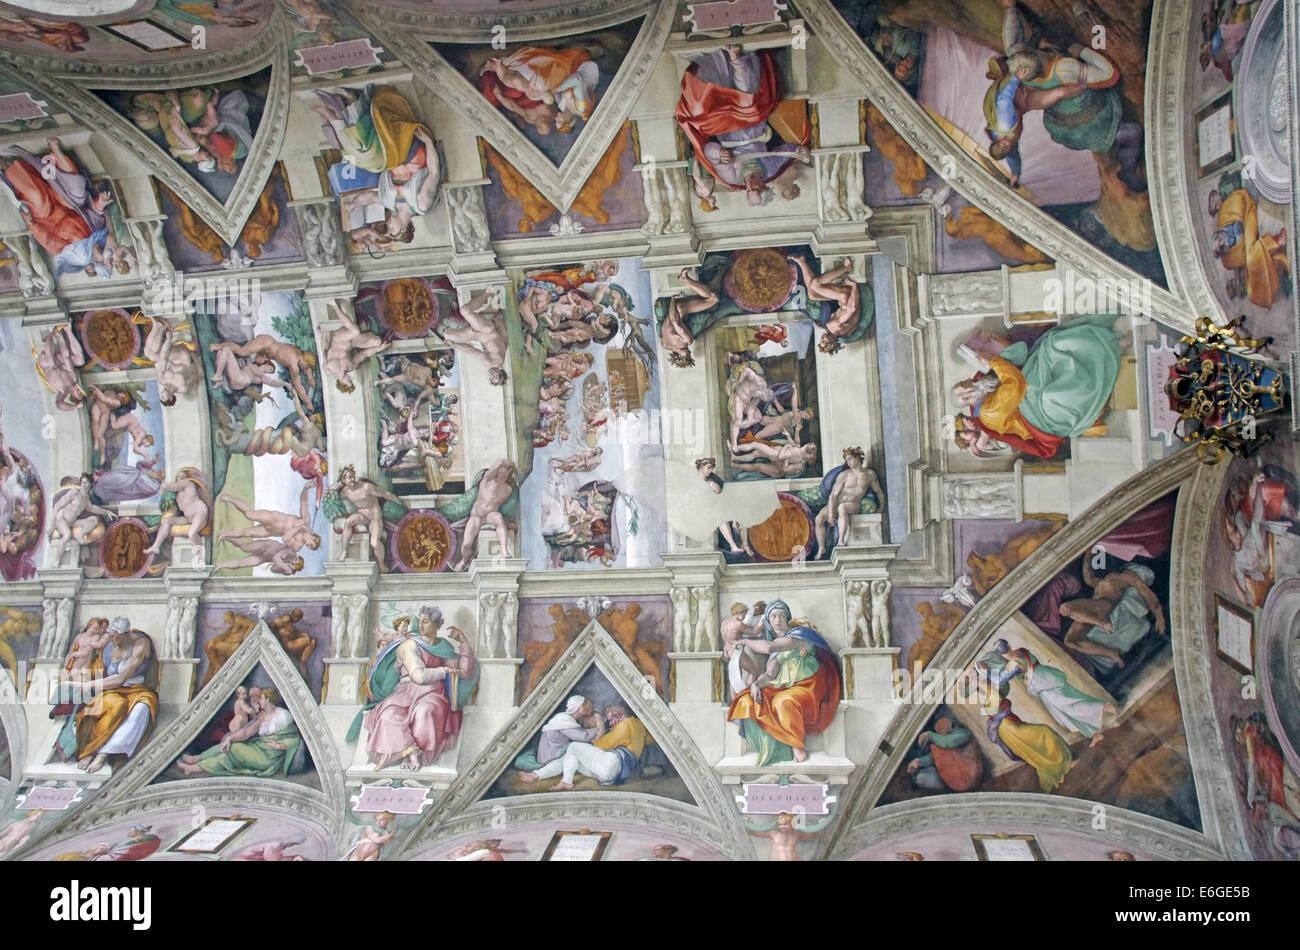 Peintures De Michel Ange Plafond De La Chapelle Sixtine A Rome